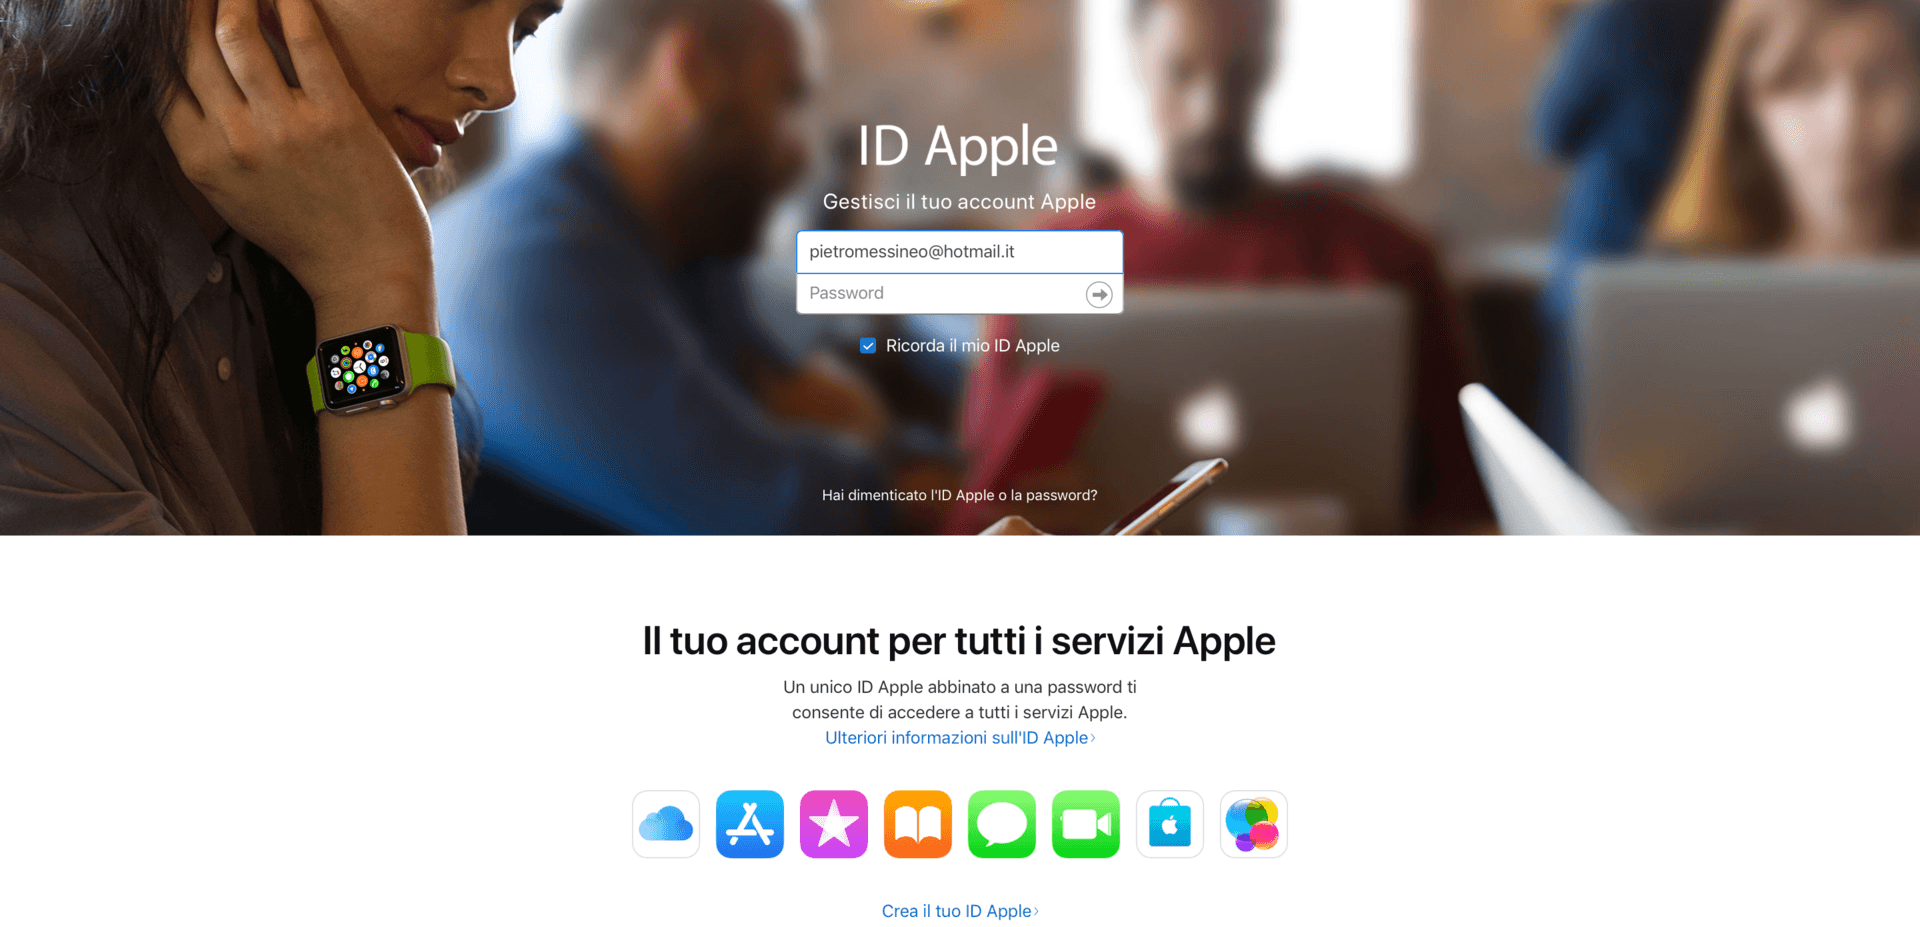 italiamac schermata 2018 03 29 alle 22.05.41 Il sito per la gestione dellID Apple permetterà di scaricare i dati salvati su iCloud